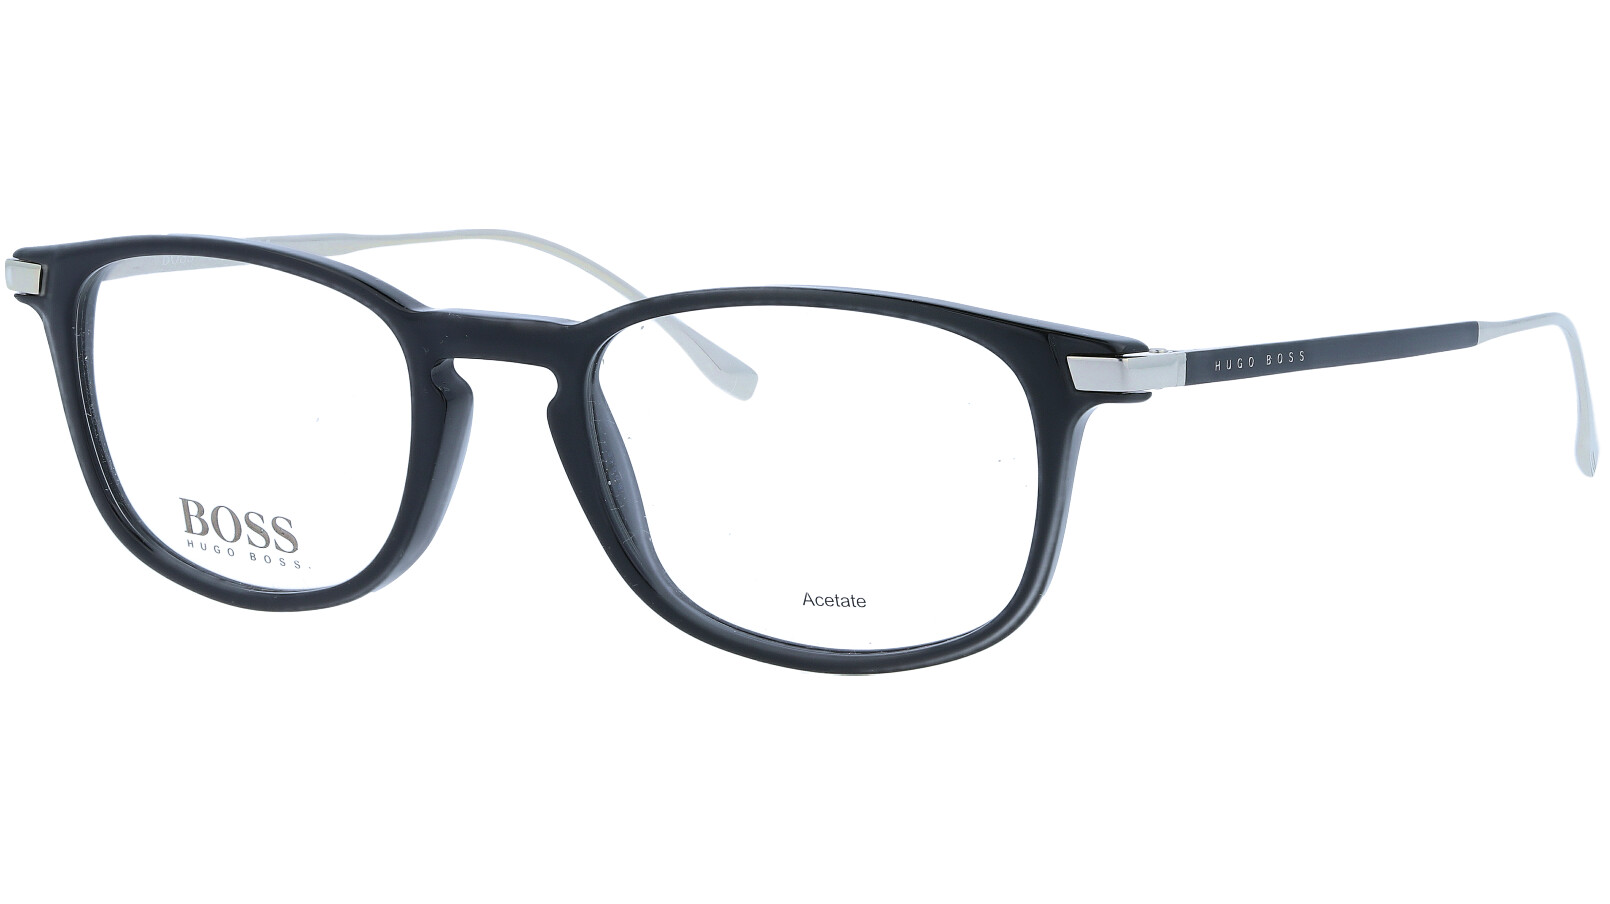 Hugo Boss BOSS0786 263 50 Black Glasses